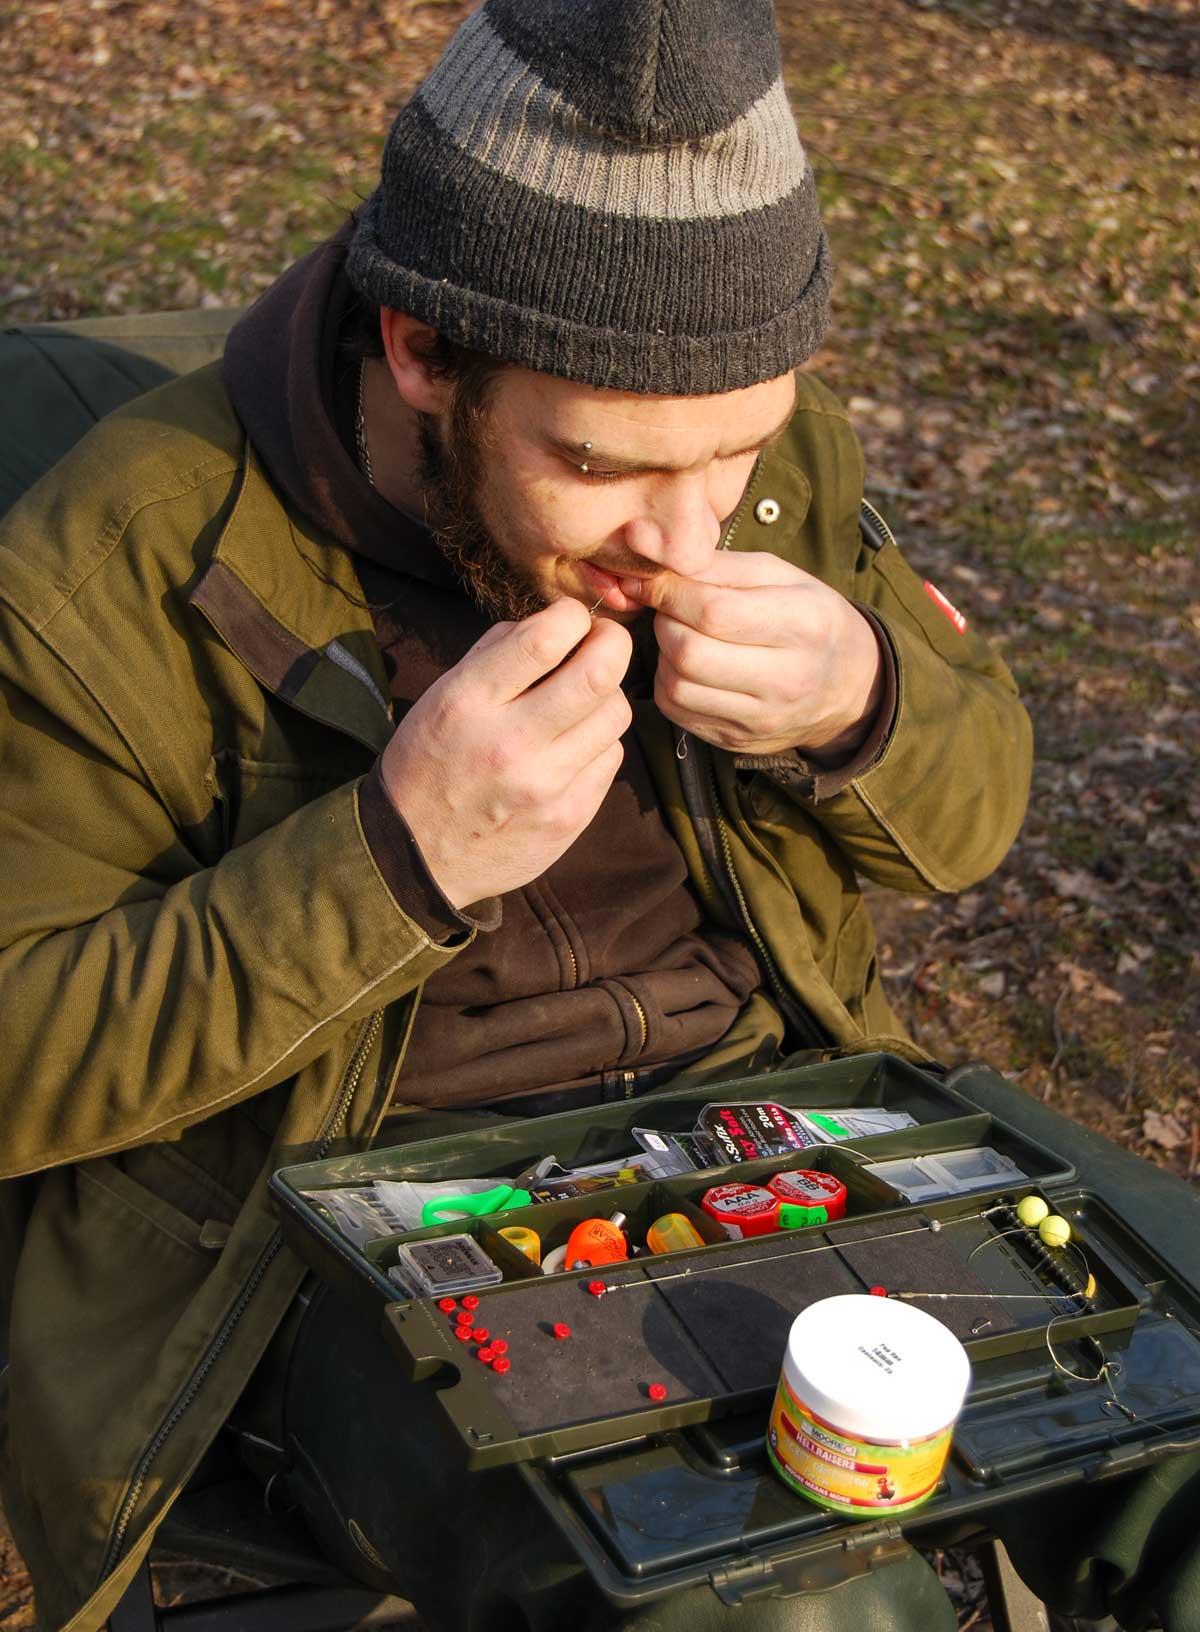 Zum Großbrassenangeln knüpft man abgespeckte Karpfenmontagen. Sehr gut eignet sich der Method Feeder.